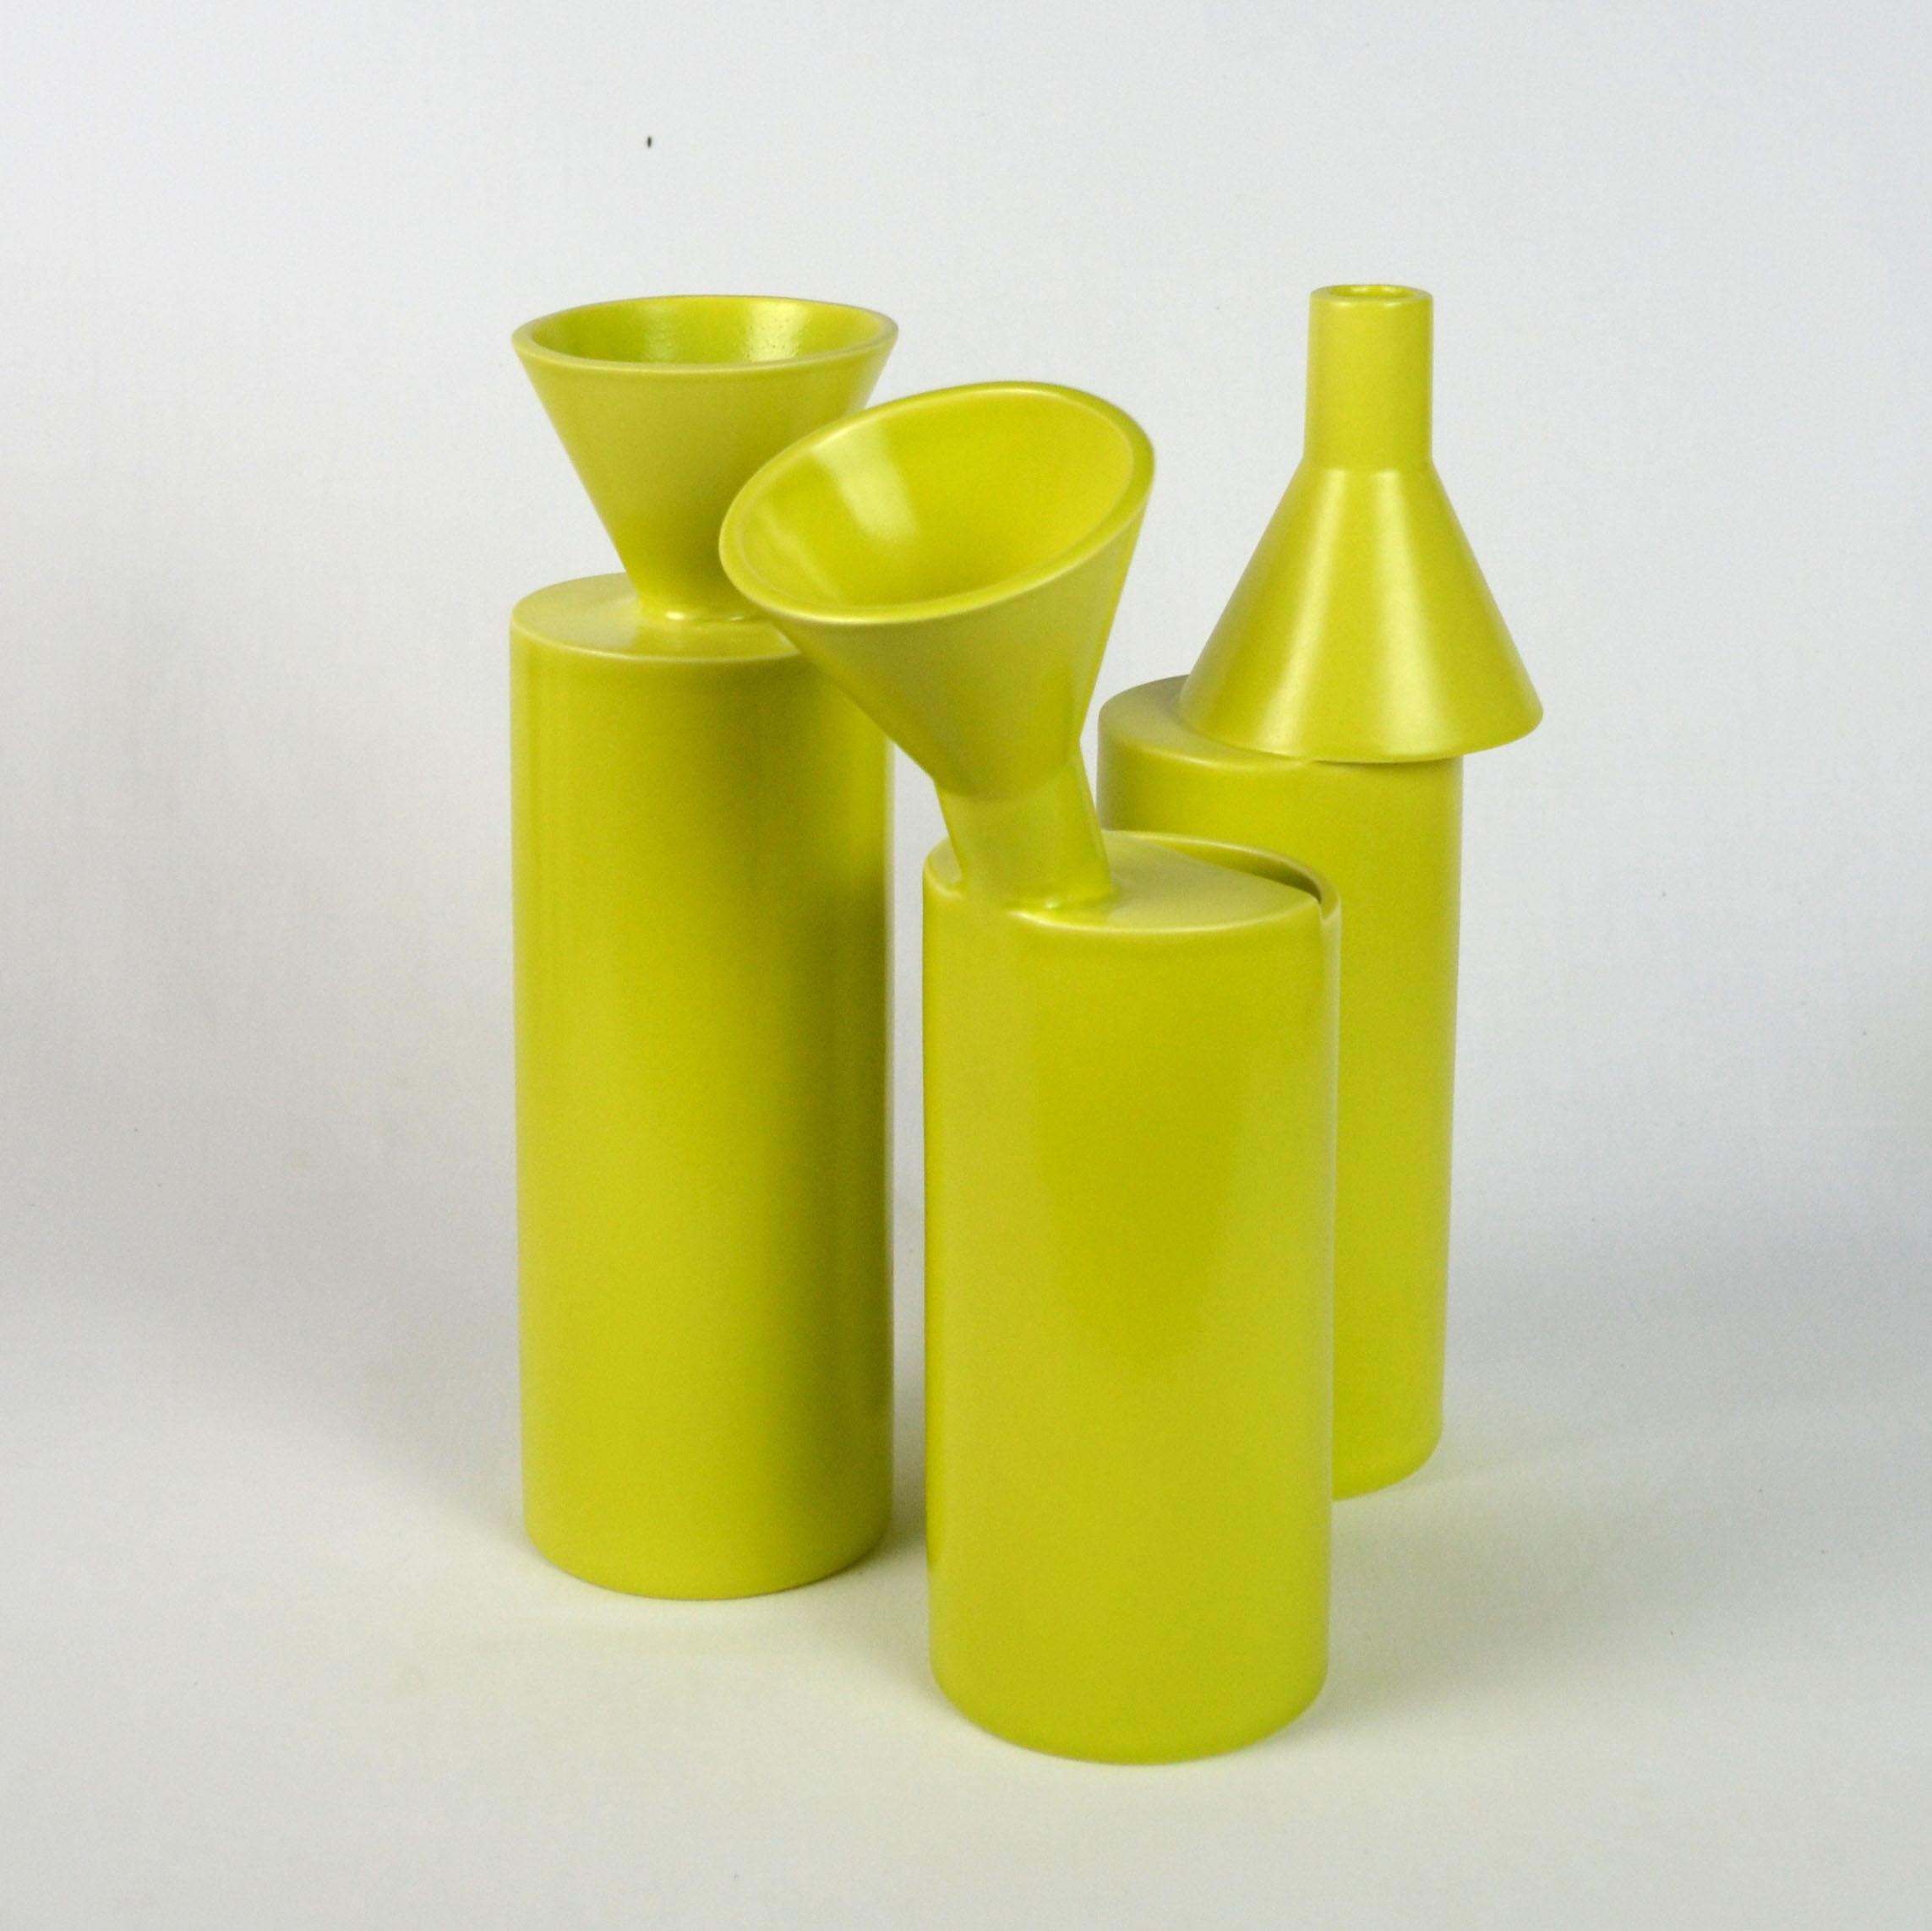 carafe-denis-castaing-art-de-la-table-céramique